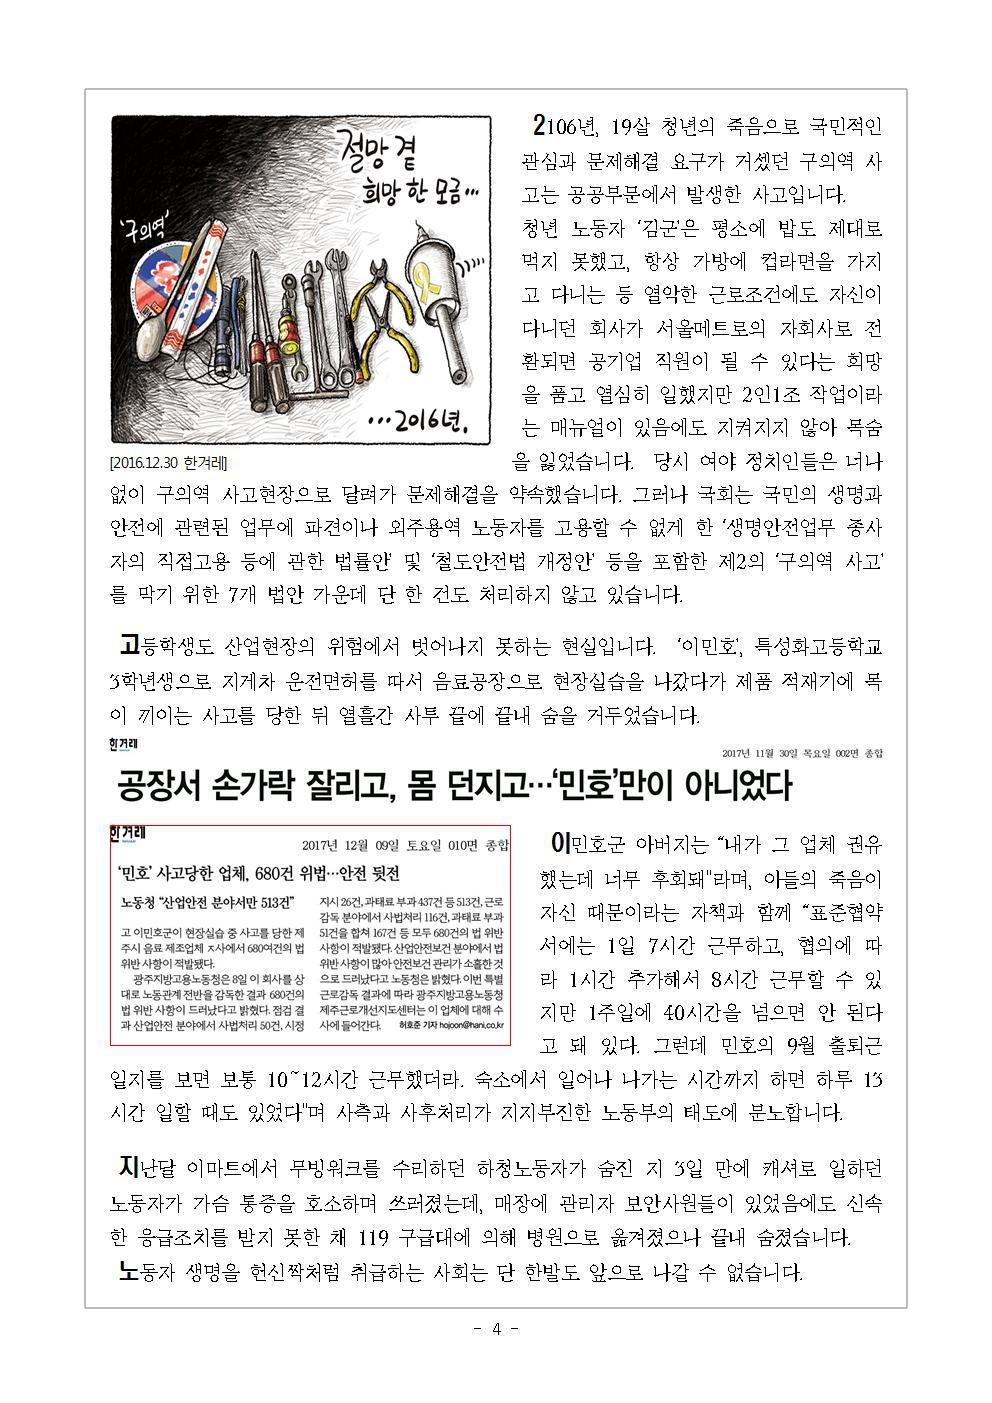 [교육지-4] 노동자 건강권 쟁취004.jpg